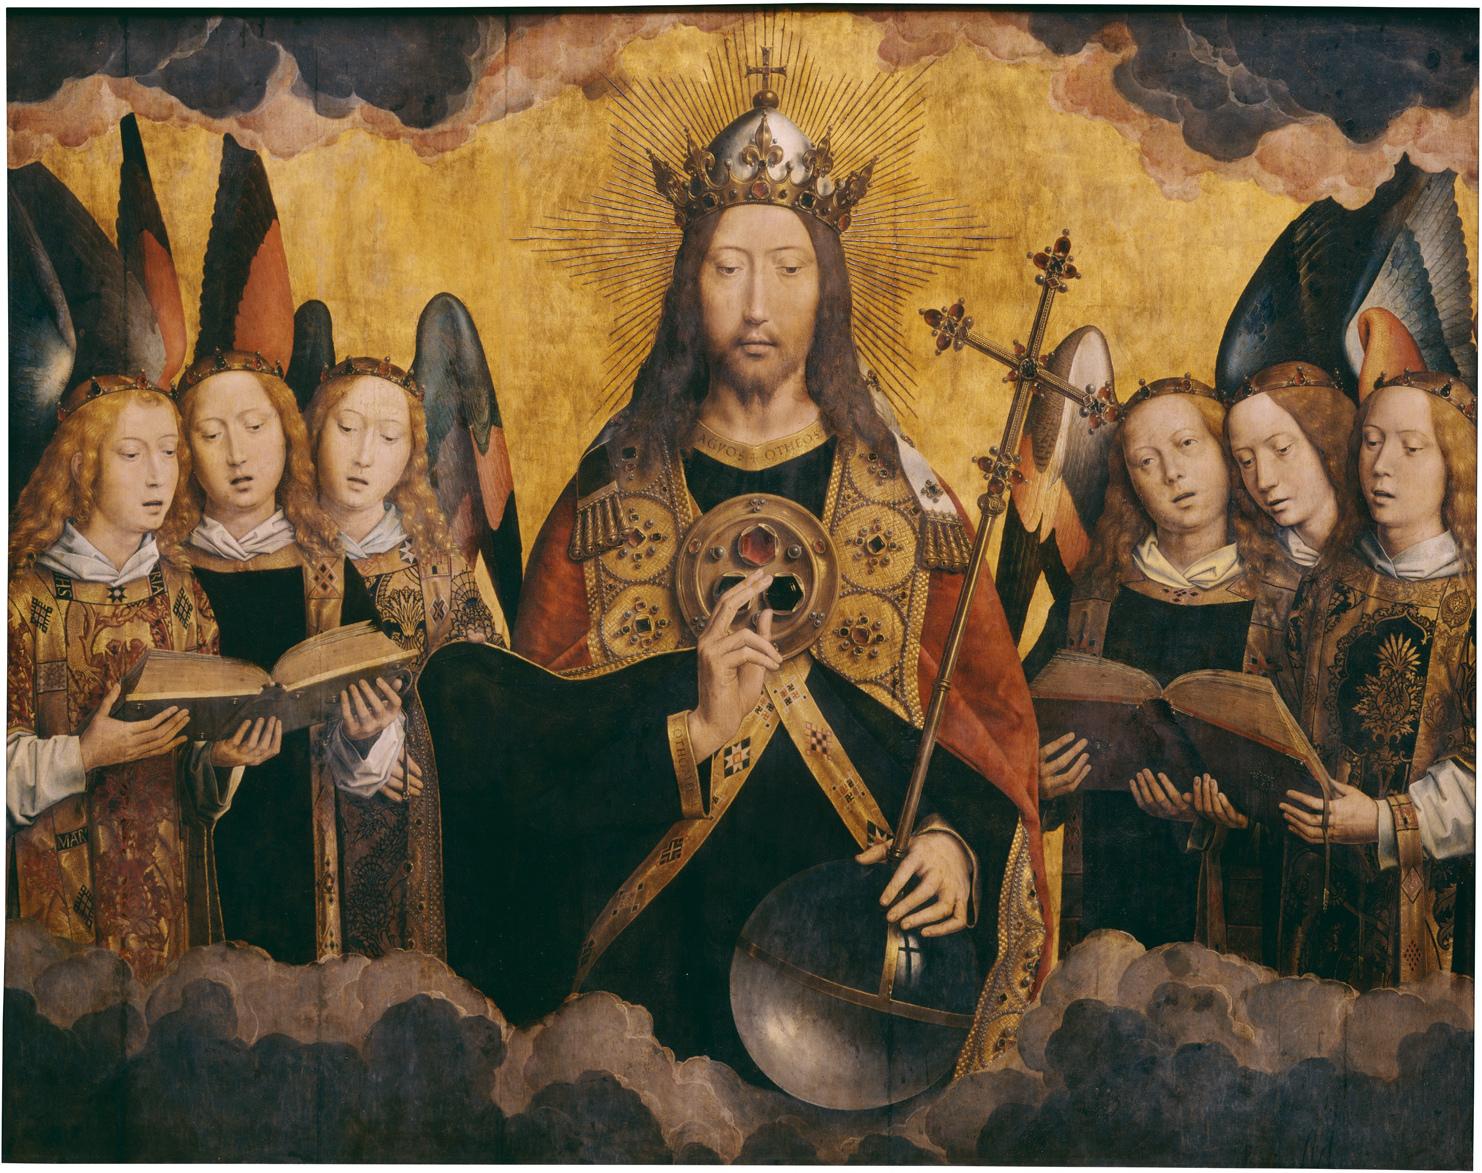 Le retable de Santa María la Real de Nájera